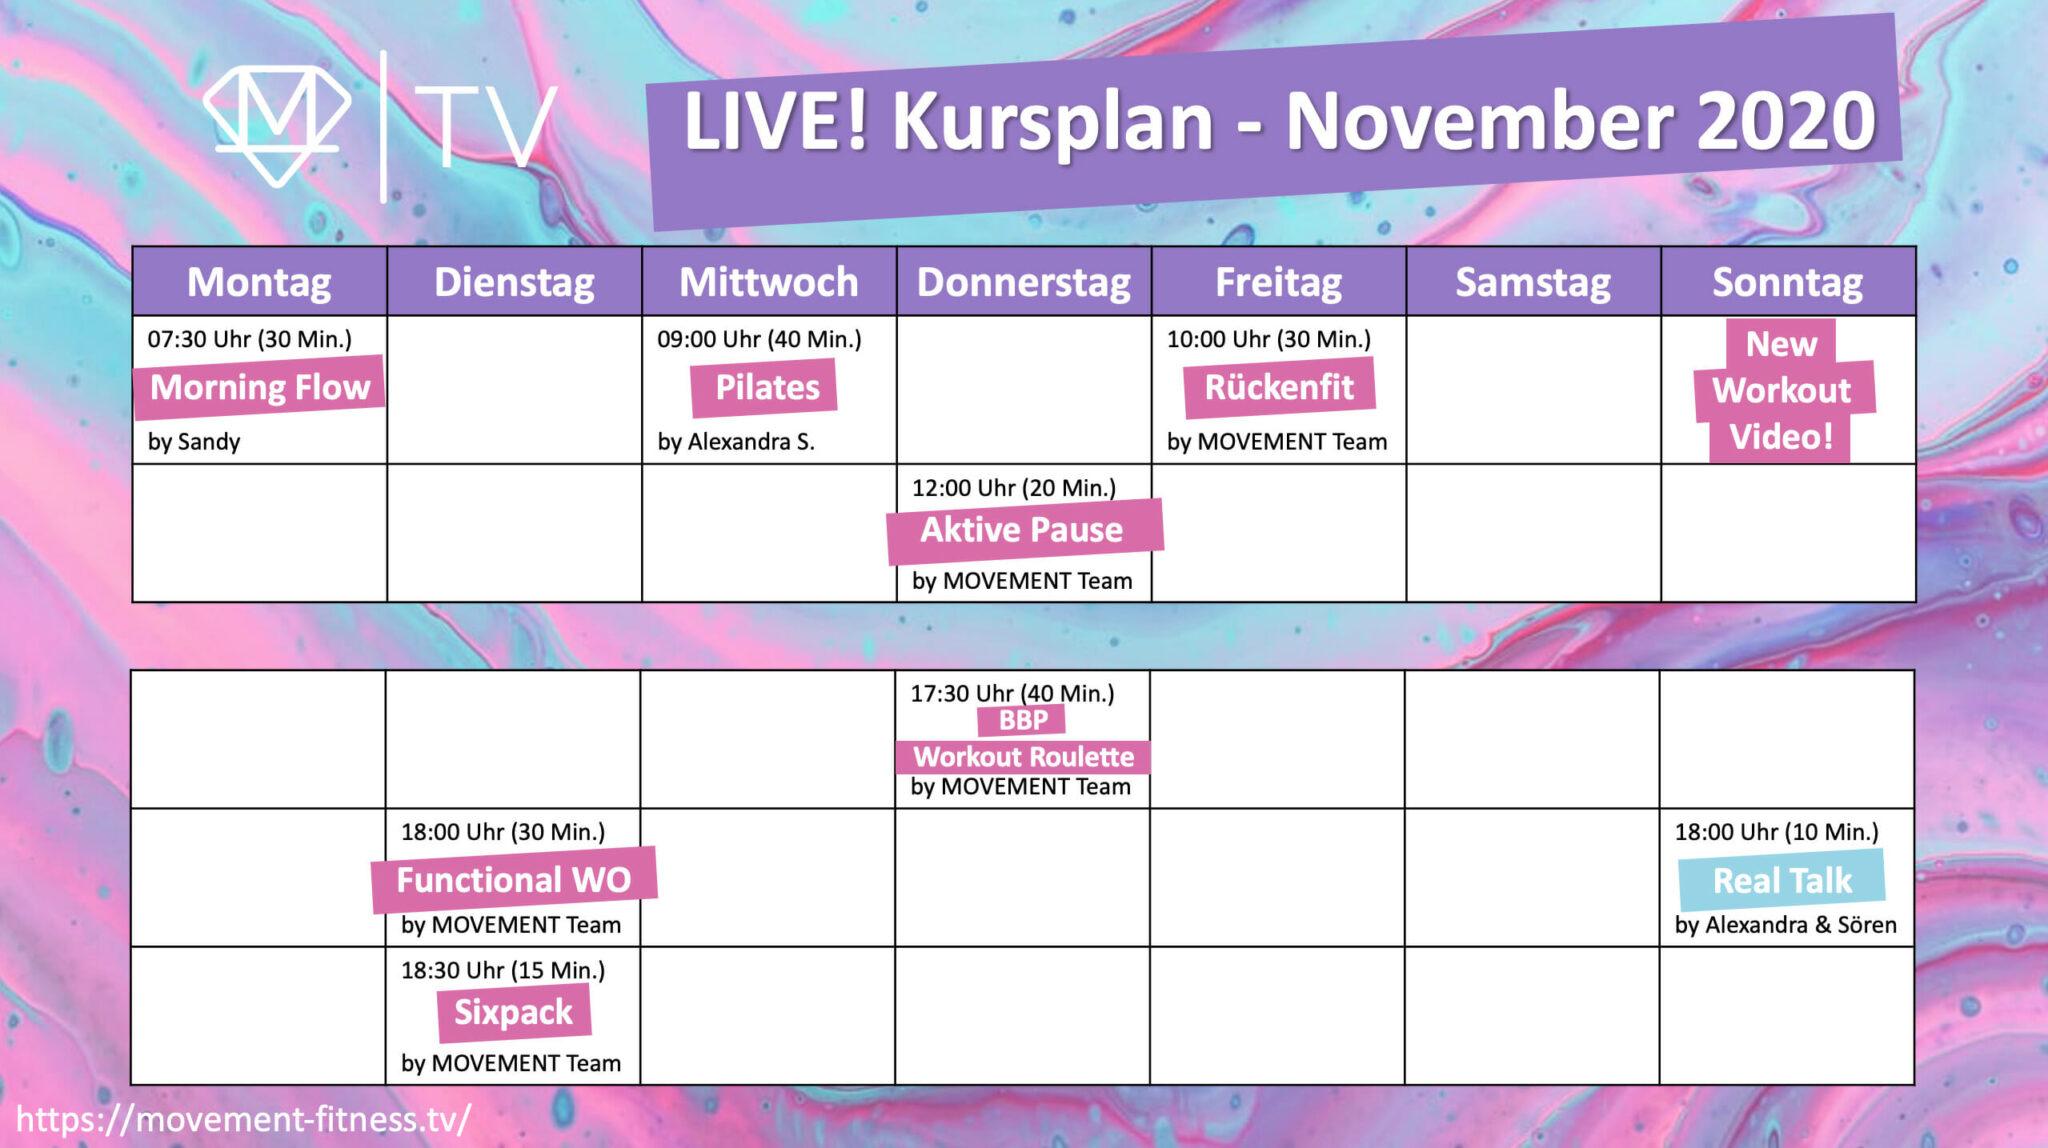 Live Kursplan für unsere streamed Workouts